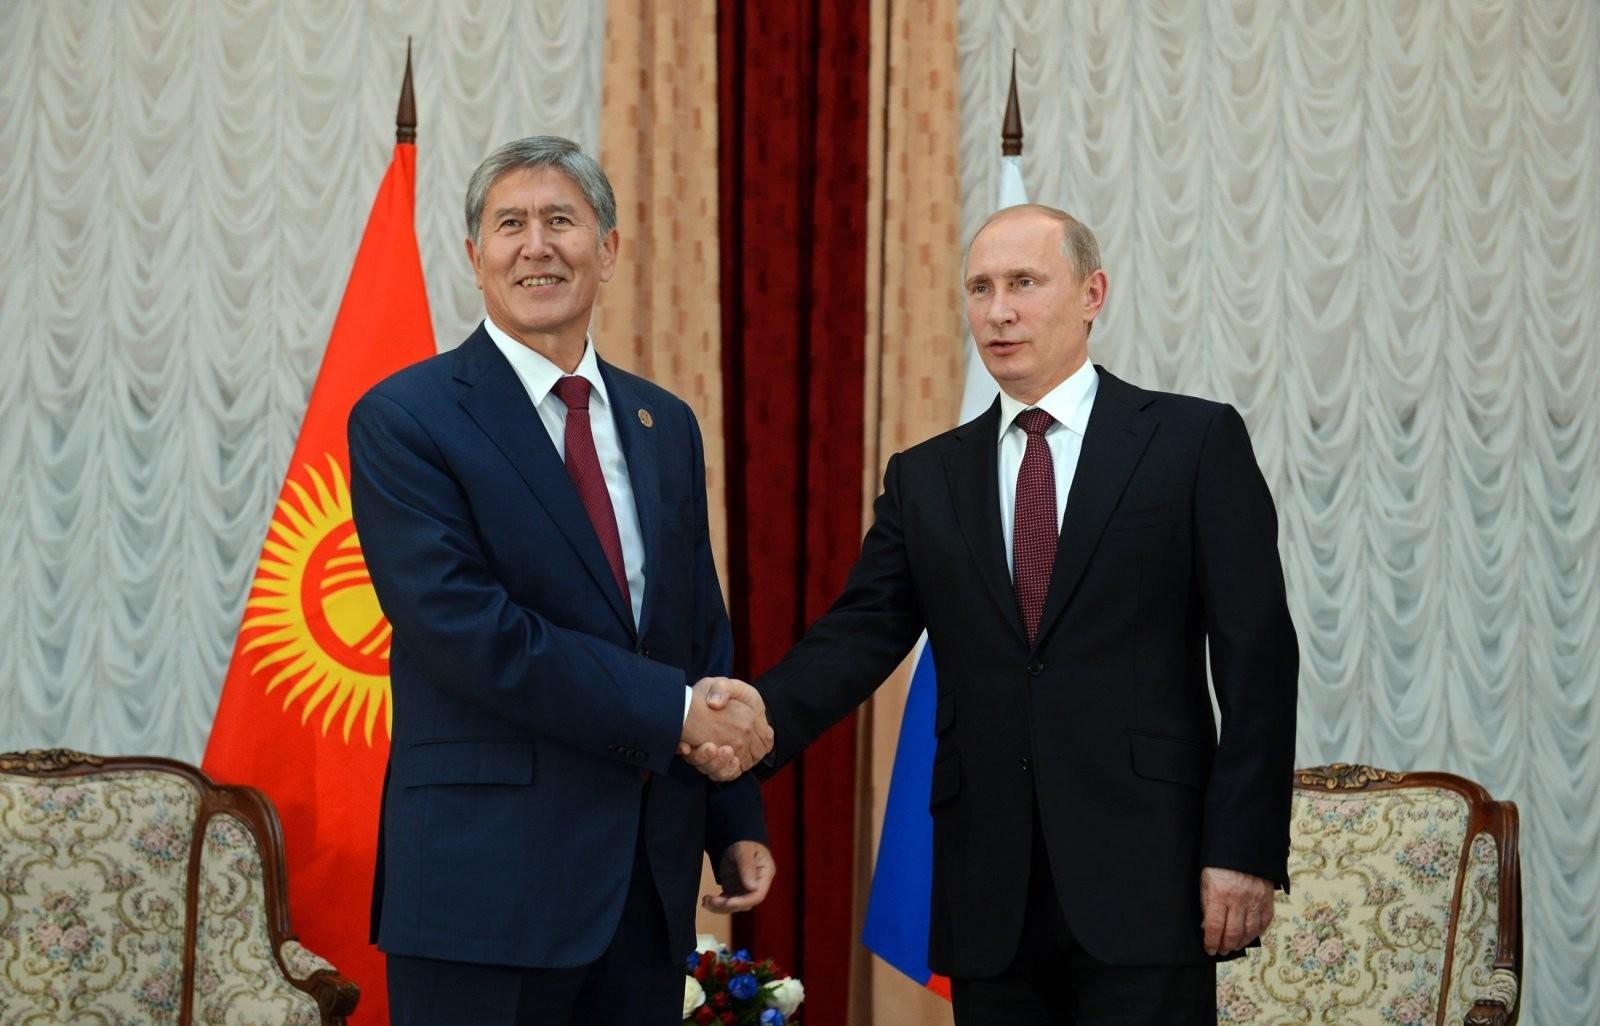 Атамбаев наградил В.Путина высшим орденом Кыргызстана